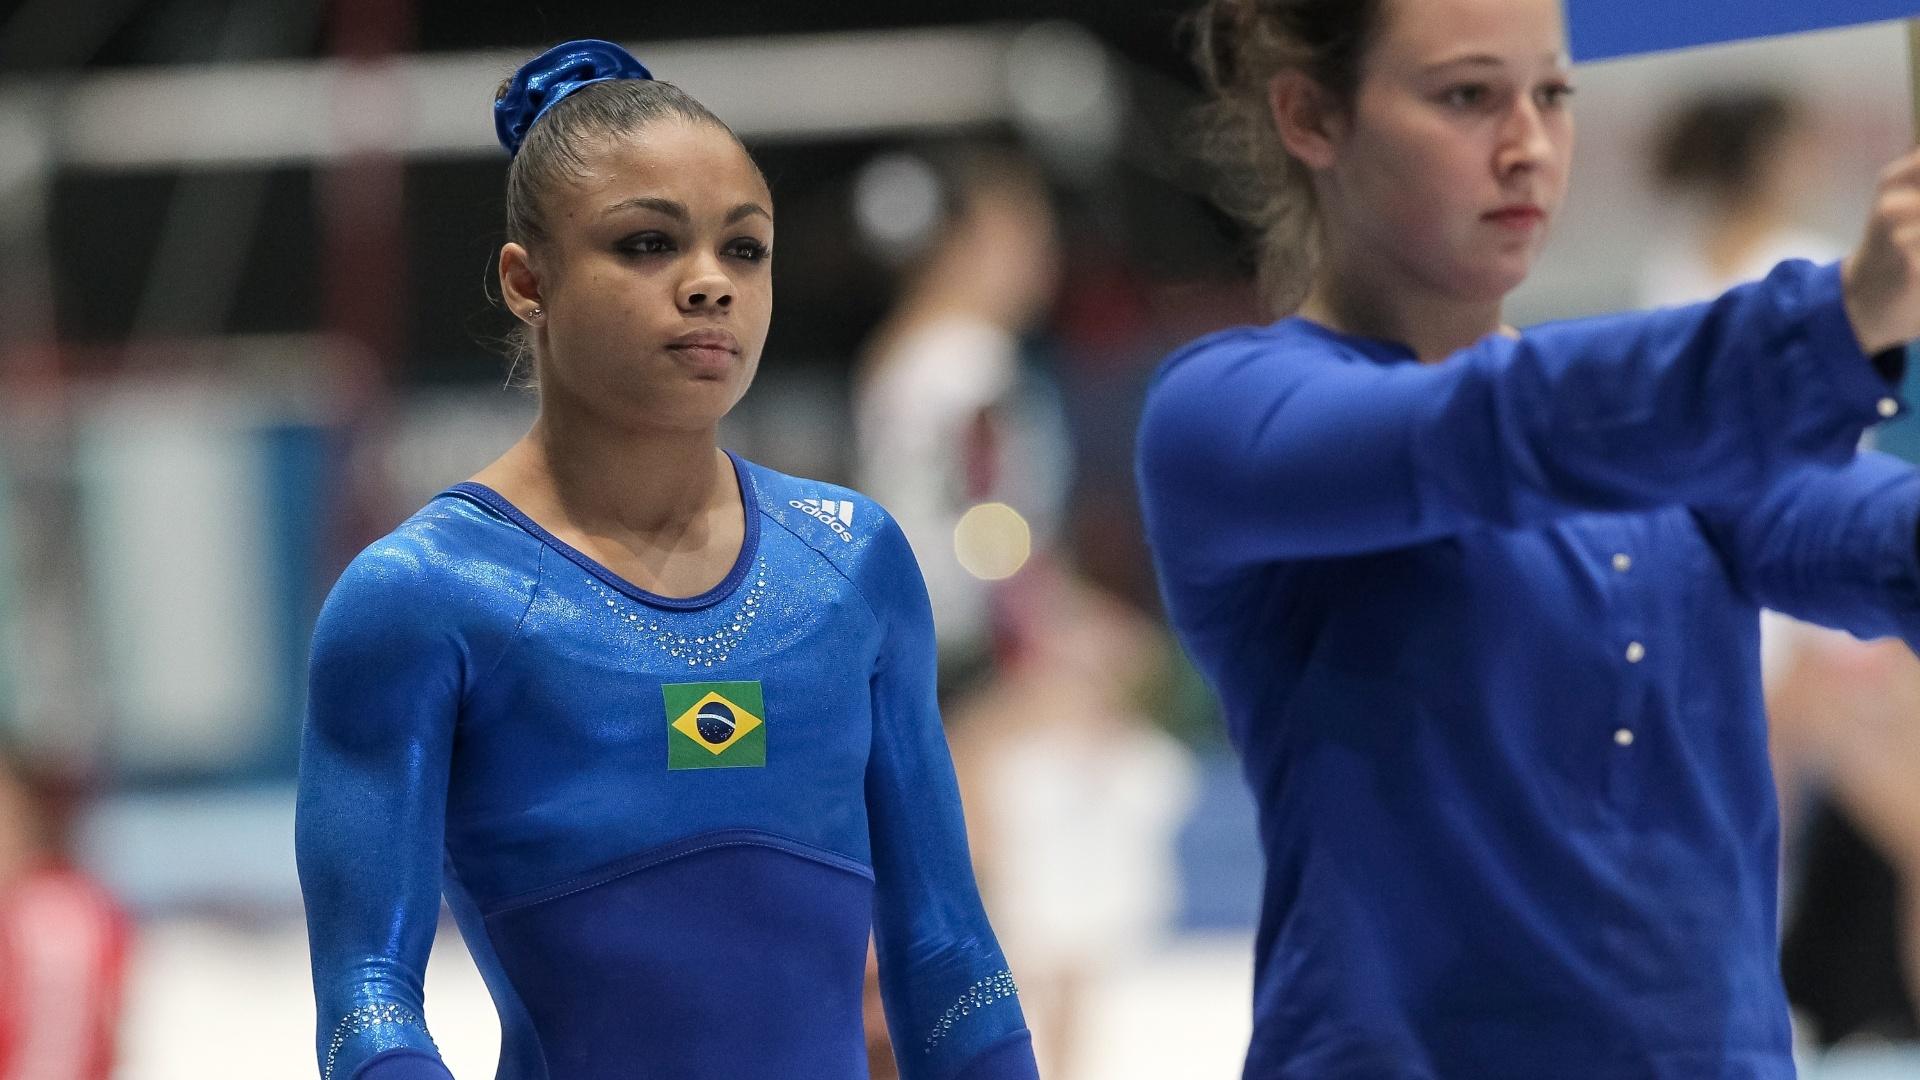 01.10.2013 - Ginasta brasileira Letícia Costa, de 18 anos, se prepara para estrear no Mundial da Antuérpia